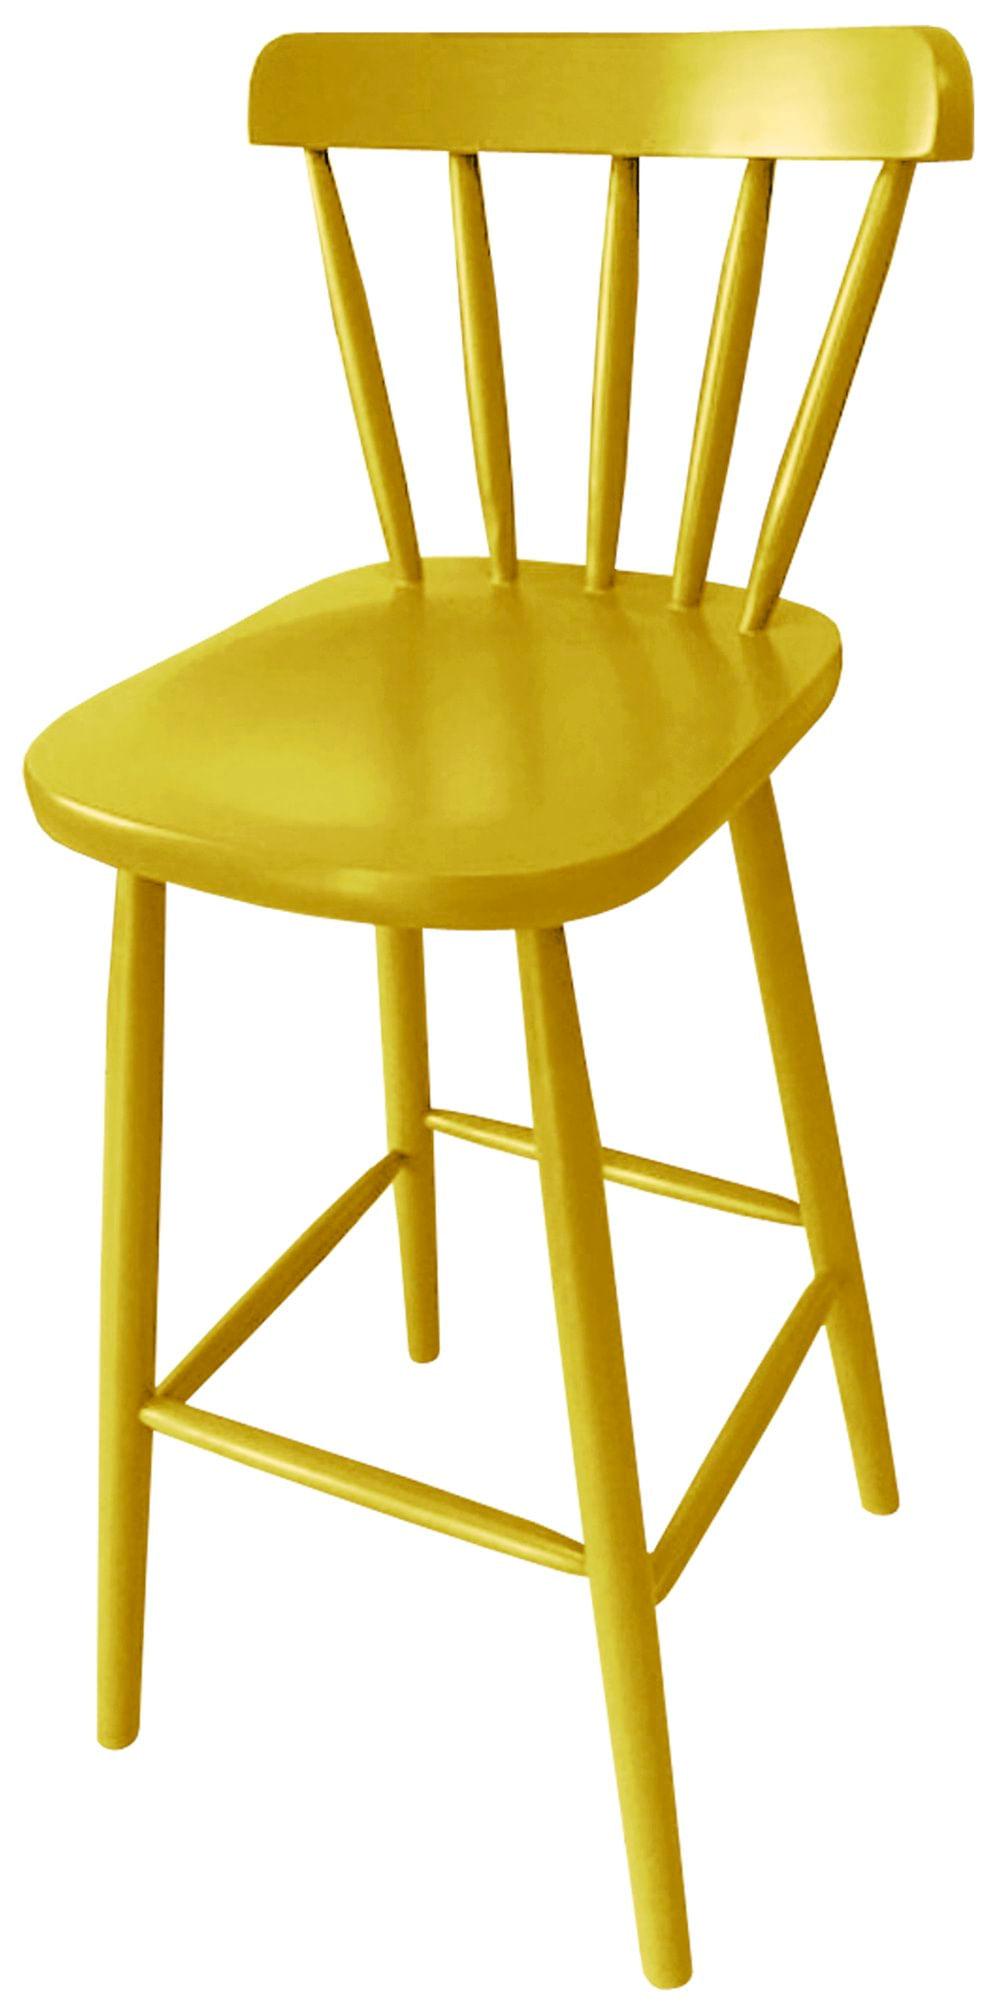 Banqueta Skand Assento Escavado Cor Amarela 72 cm (ALT) - 33372